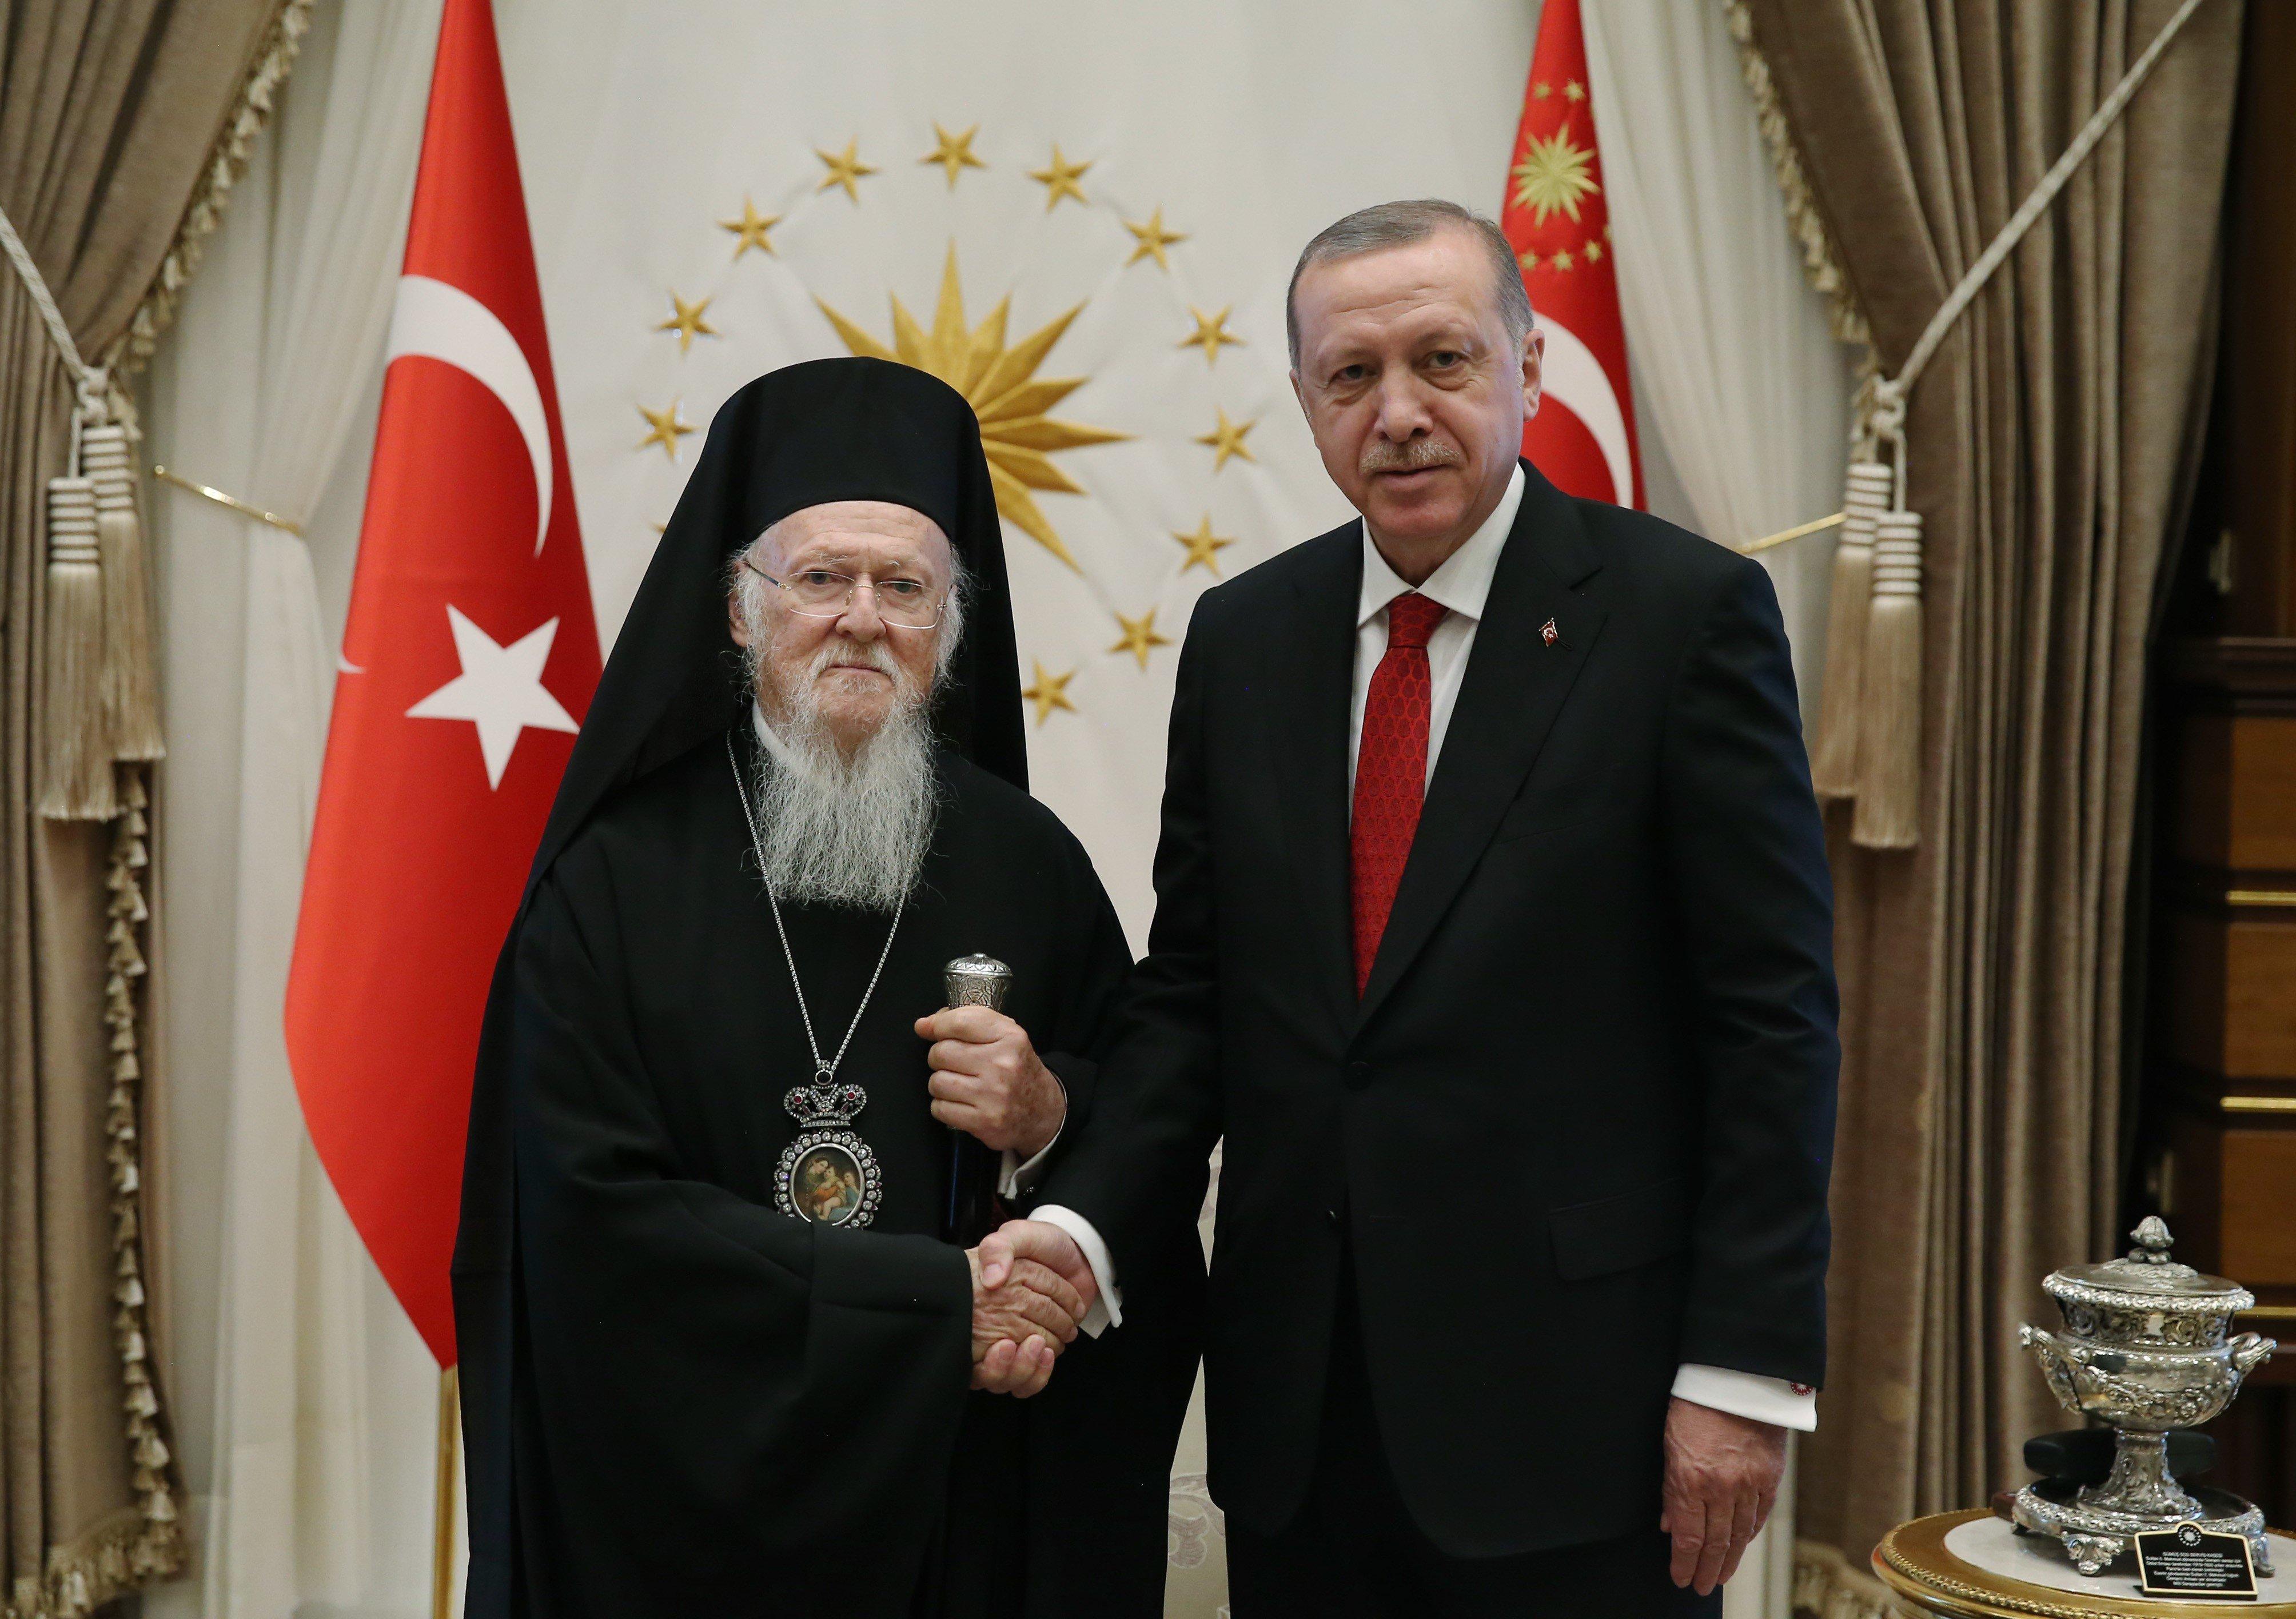 Τι συζήτησαν Βαρθολομαίος - Ερντογάν στη συνάντησή